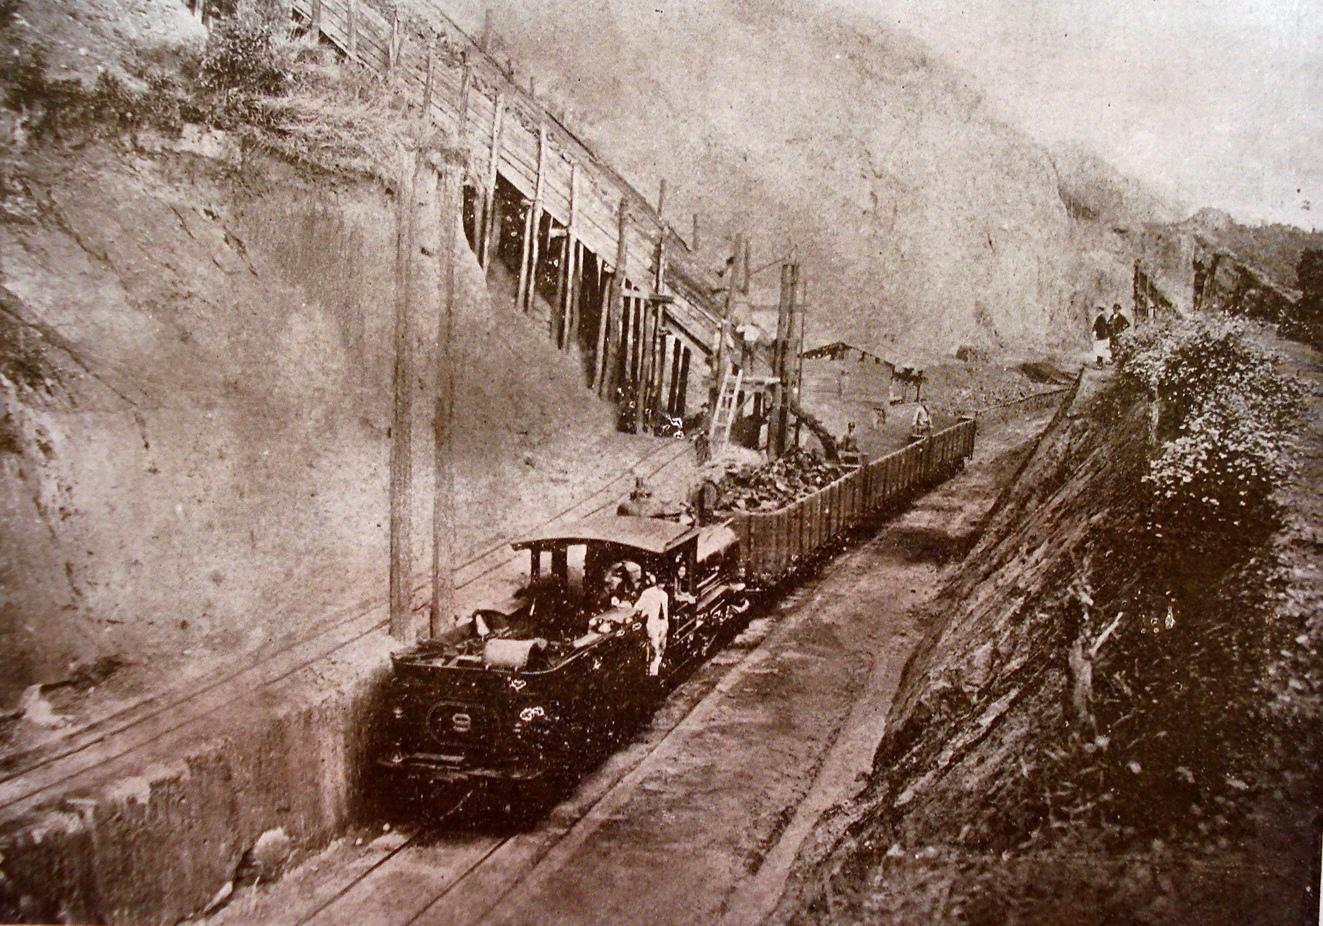 Minas, carregamento de minerio